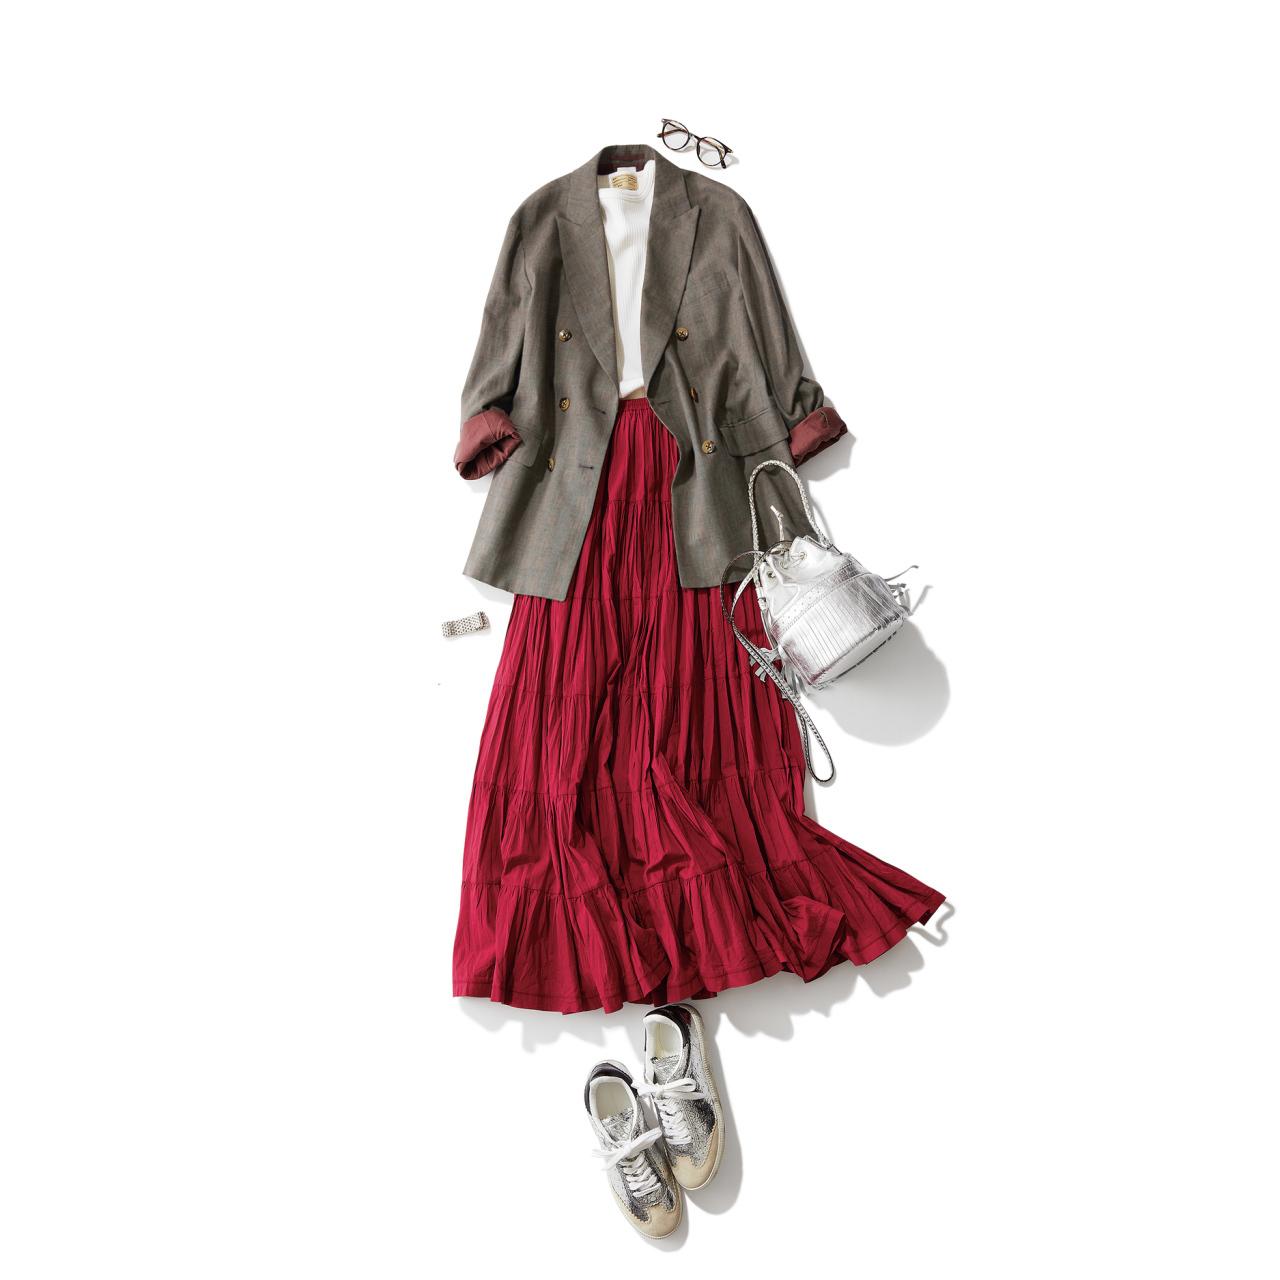 シルバースニーカー×ジャケット&スカートのファッションコーデ